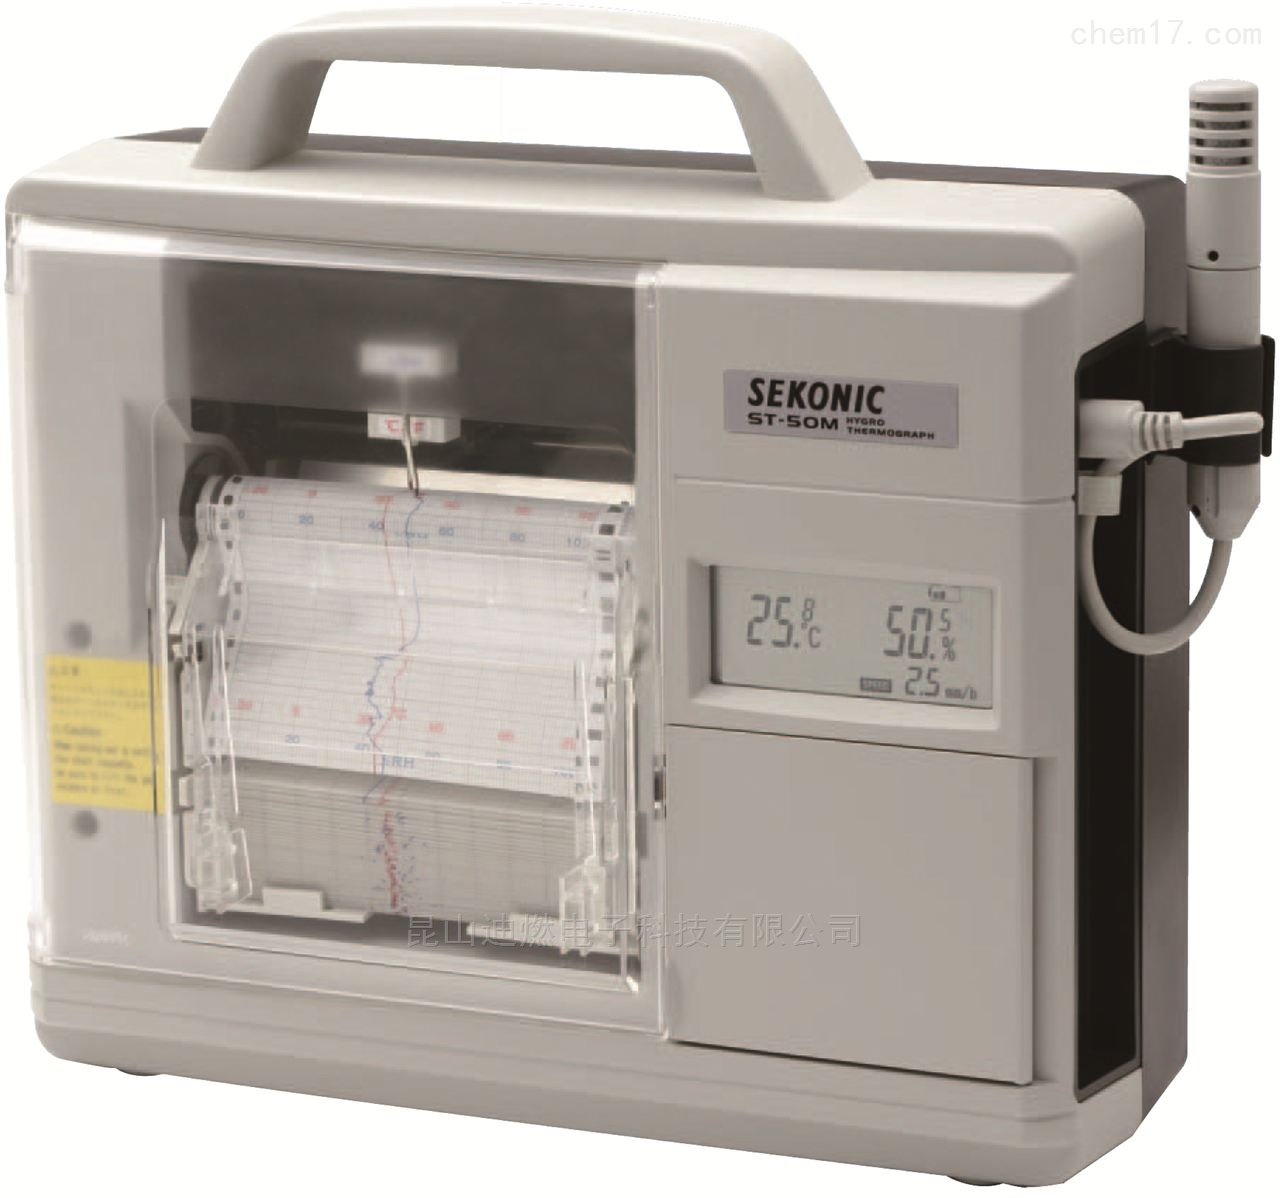 SEKONIC溫濕度記錄儀ST-50A